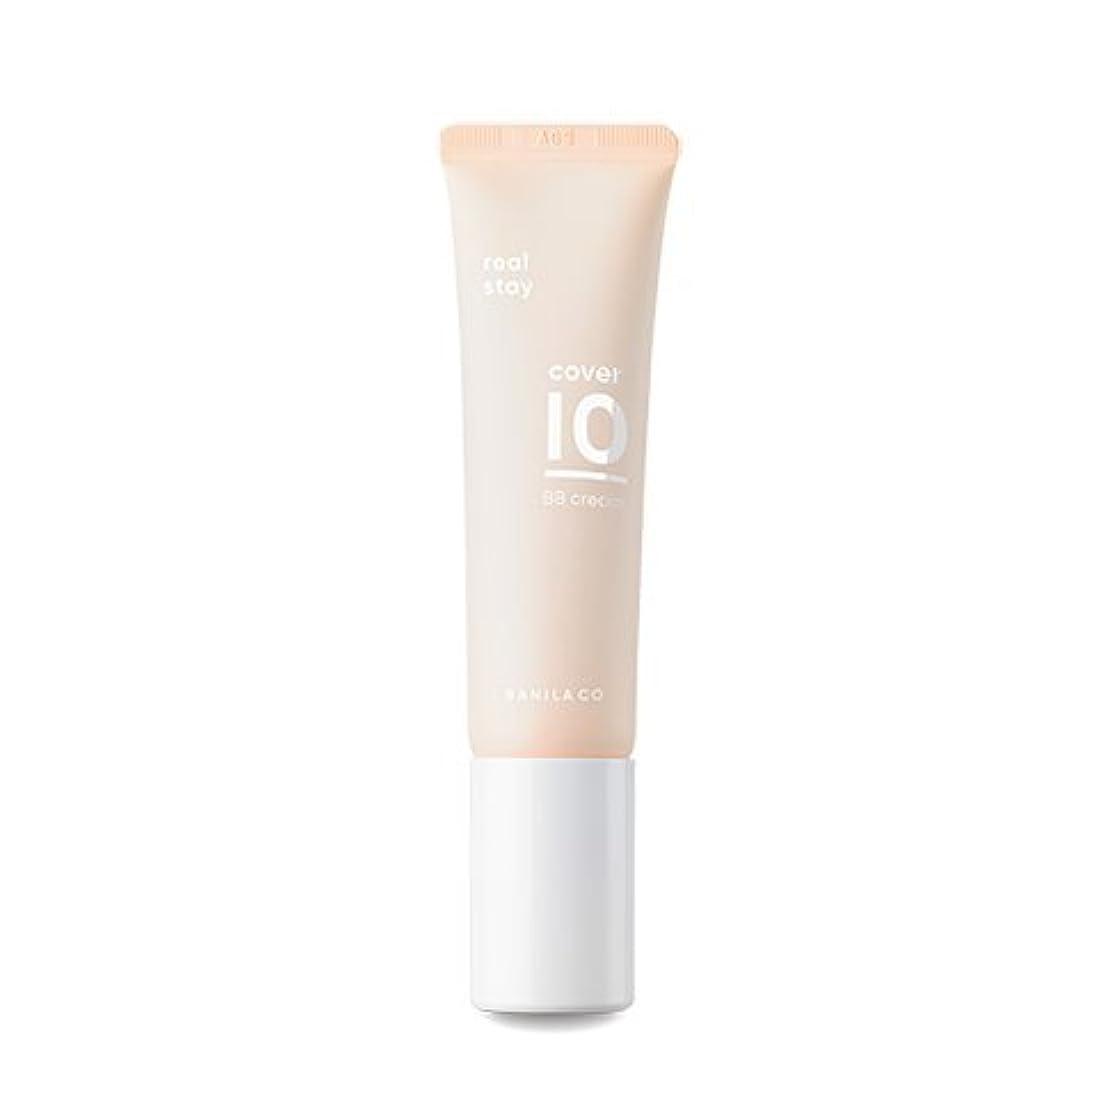 平方驚くべき安全な[Renewal] BANILA CO Cover 10 Real Stay BB Cream 30ml/バニラコ カバー 10 リアル ステイ BBクリーム 30ml (#Light Beige) [並行輸入品]